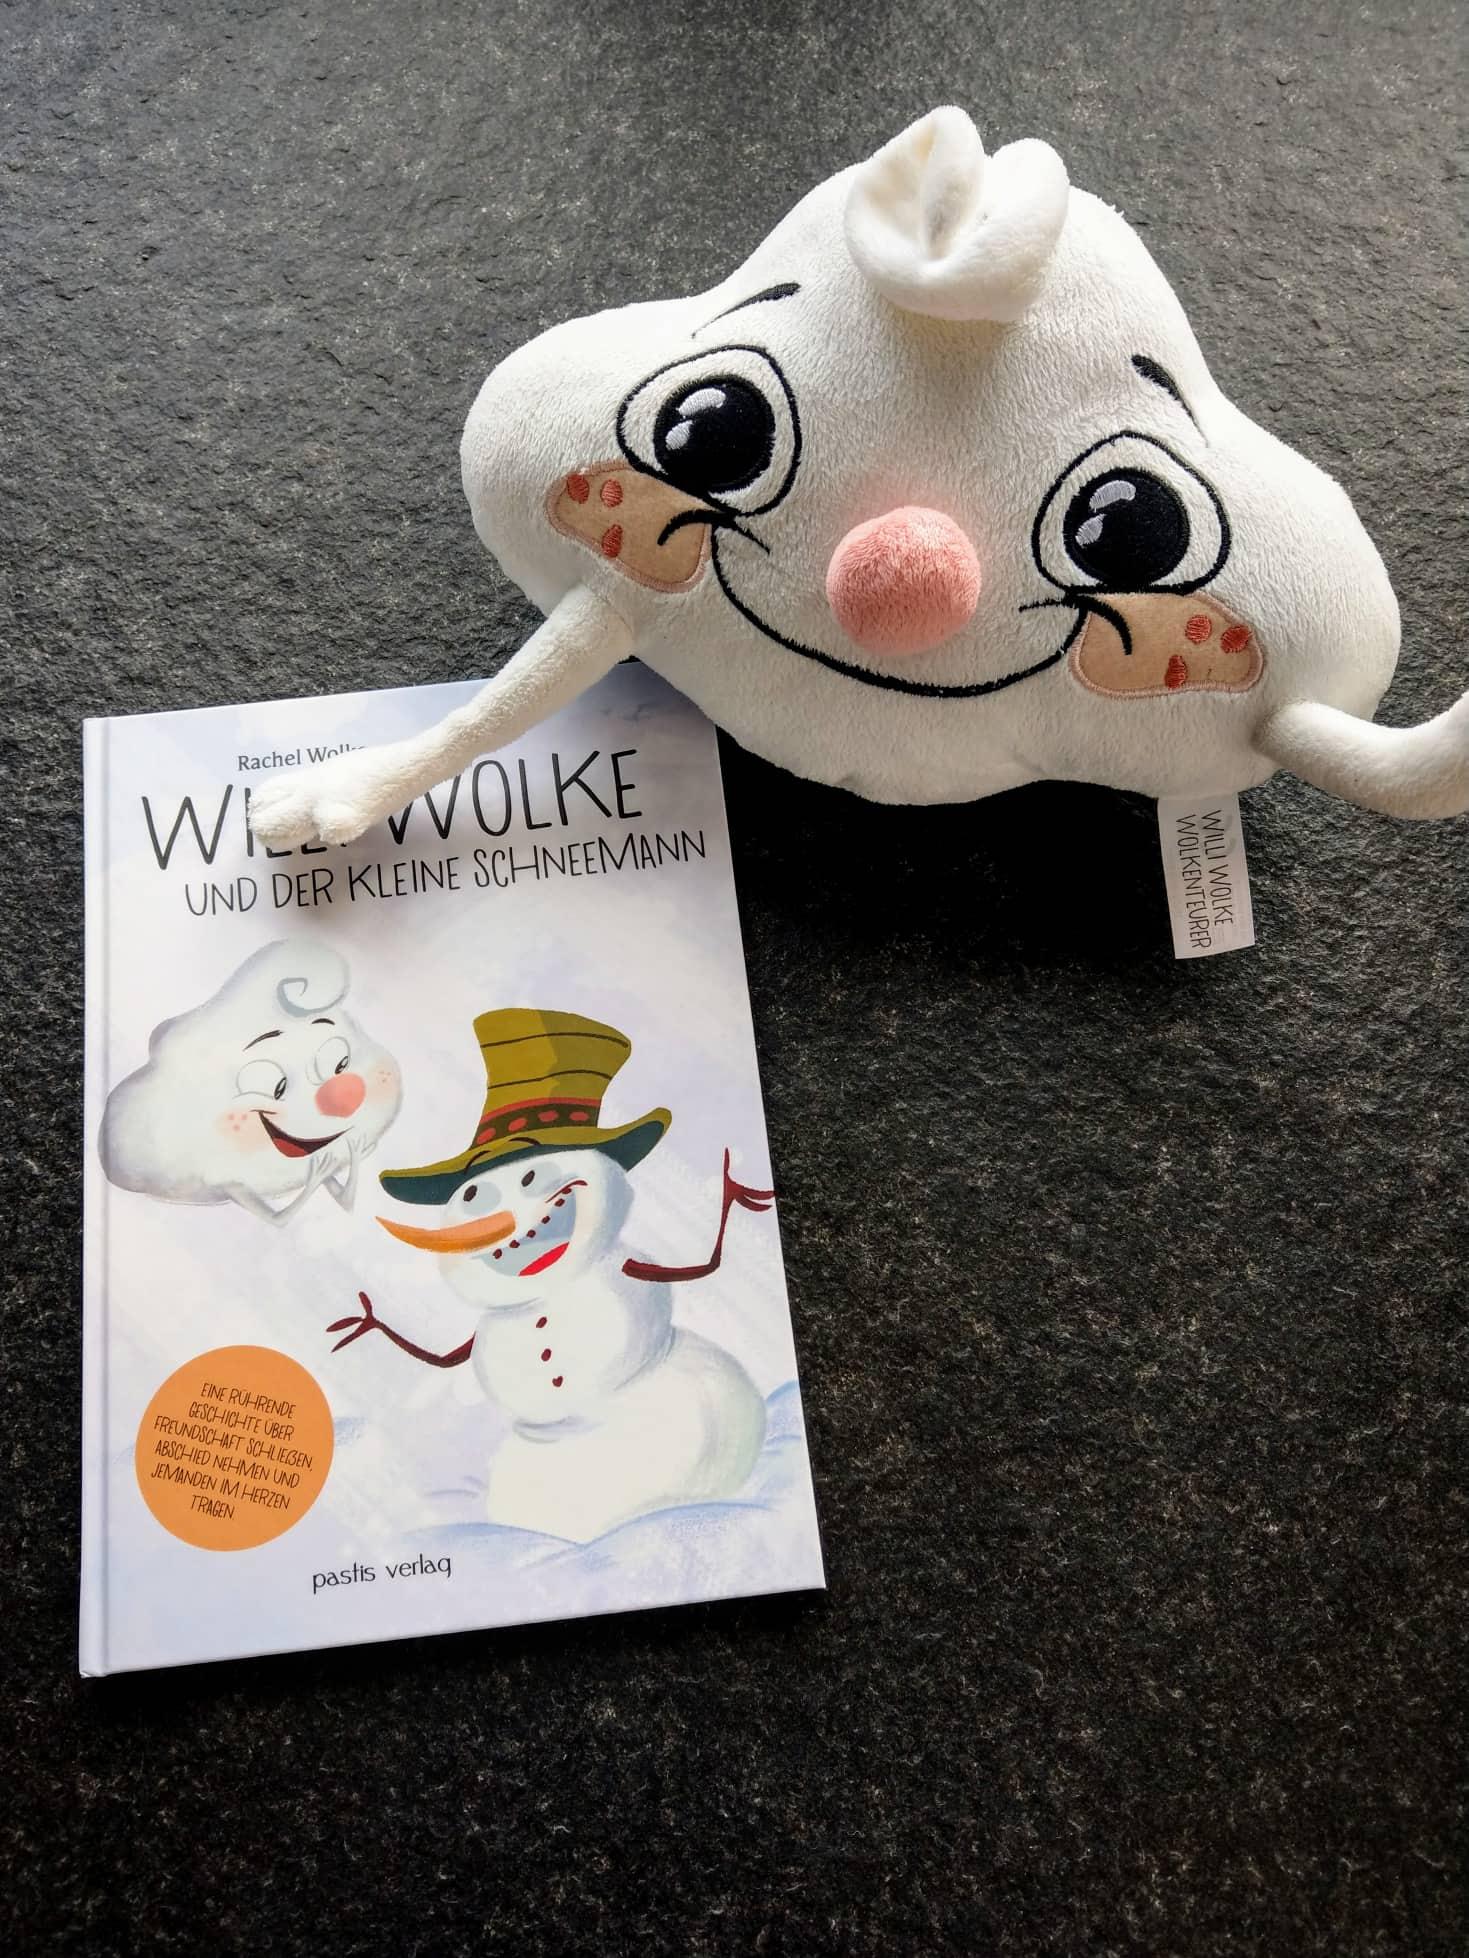 Willi Wolke ist ein Wolkenteurer, der auf seiner Reise Freundschaft mit dem Schneemann schließt. Eine tolle Geschichte über das Abschied nehmen und im Herzen tragen.